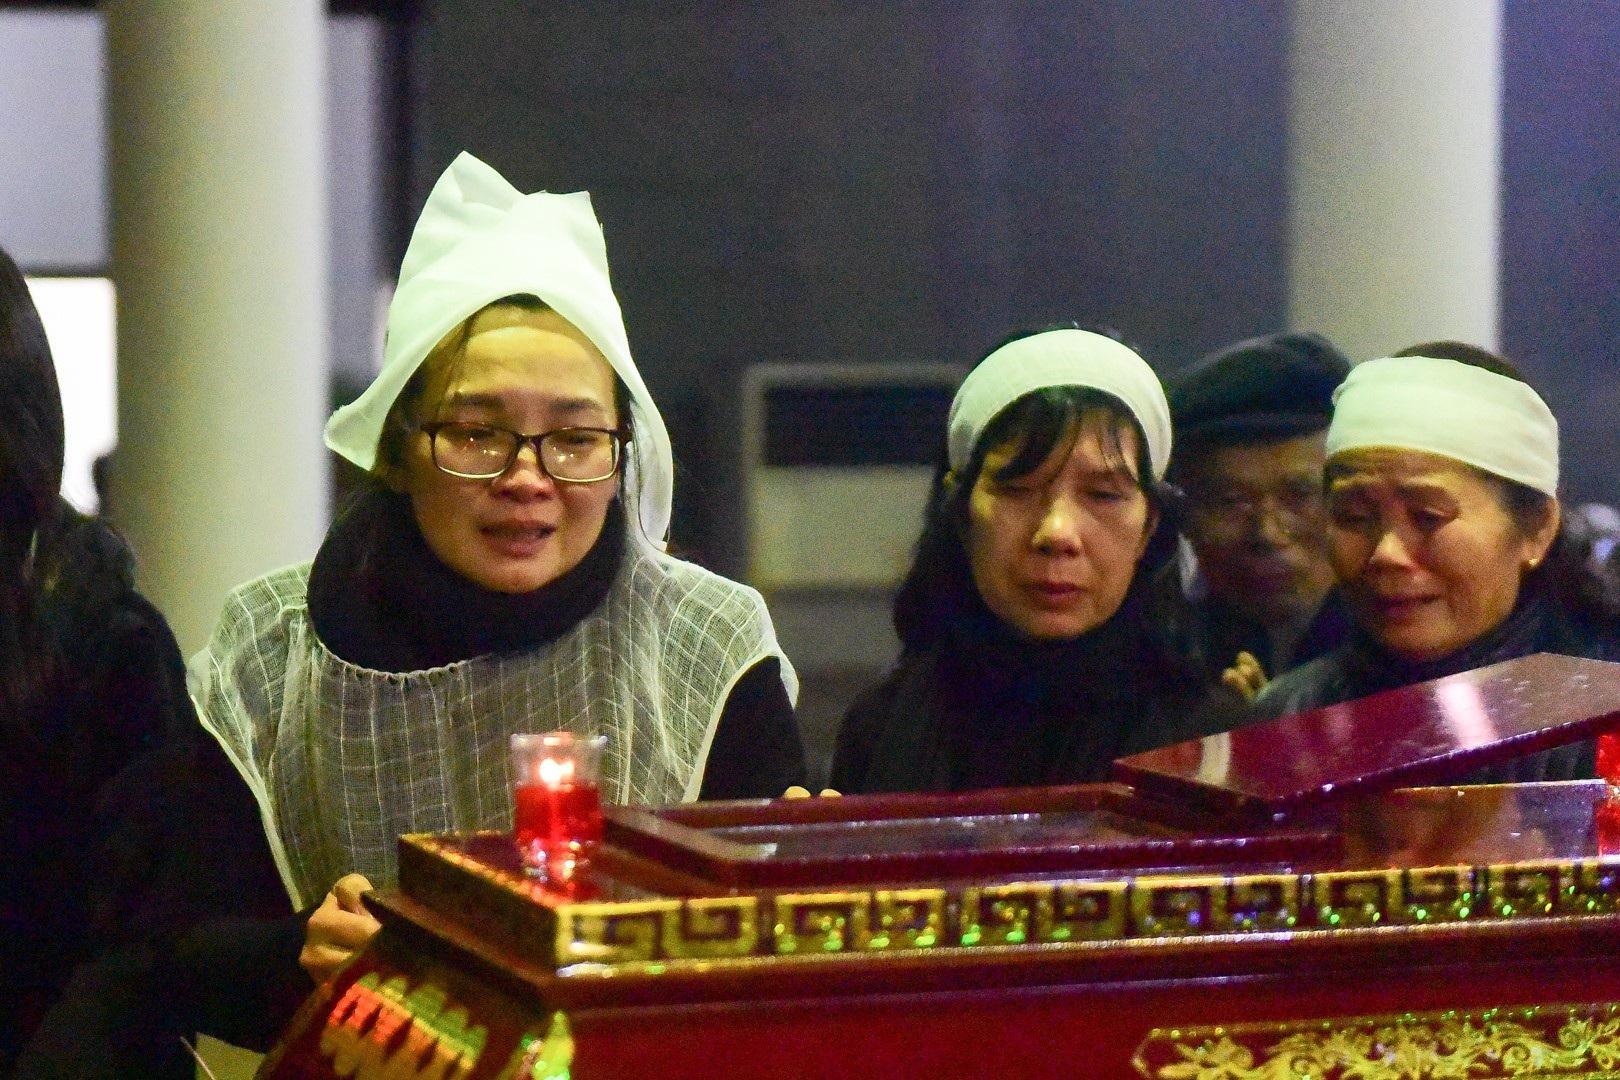 Đông đảo bạn bè, văn nghệ sĩ đến tiễn đưa nhà thơ- nhạc sĩ Nguyễn Trọng Tạo - Ảnh 5.